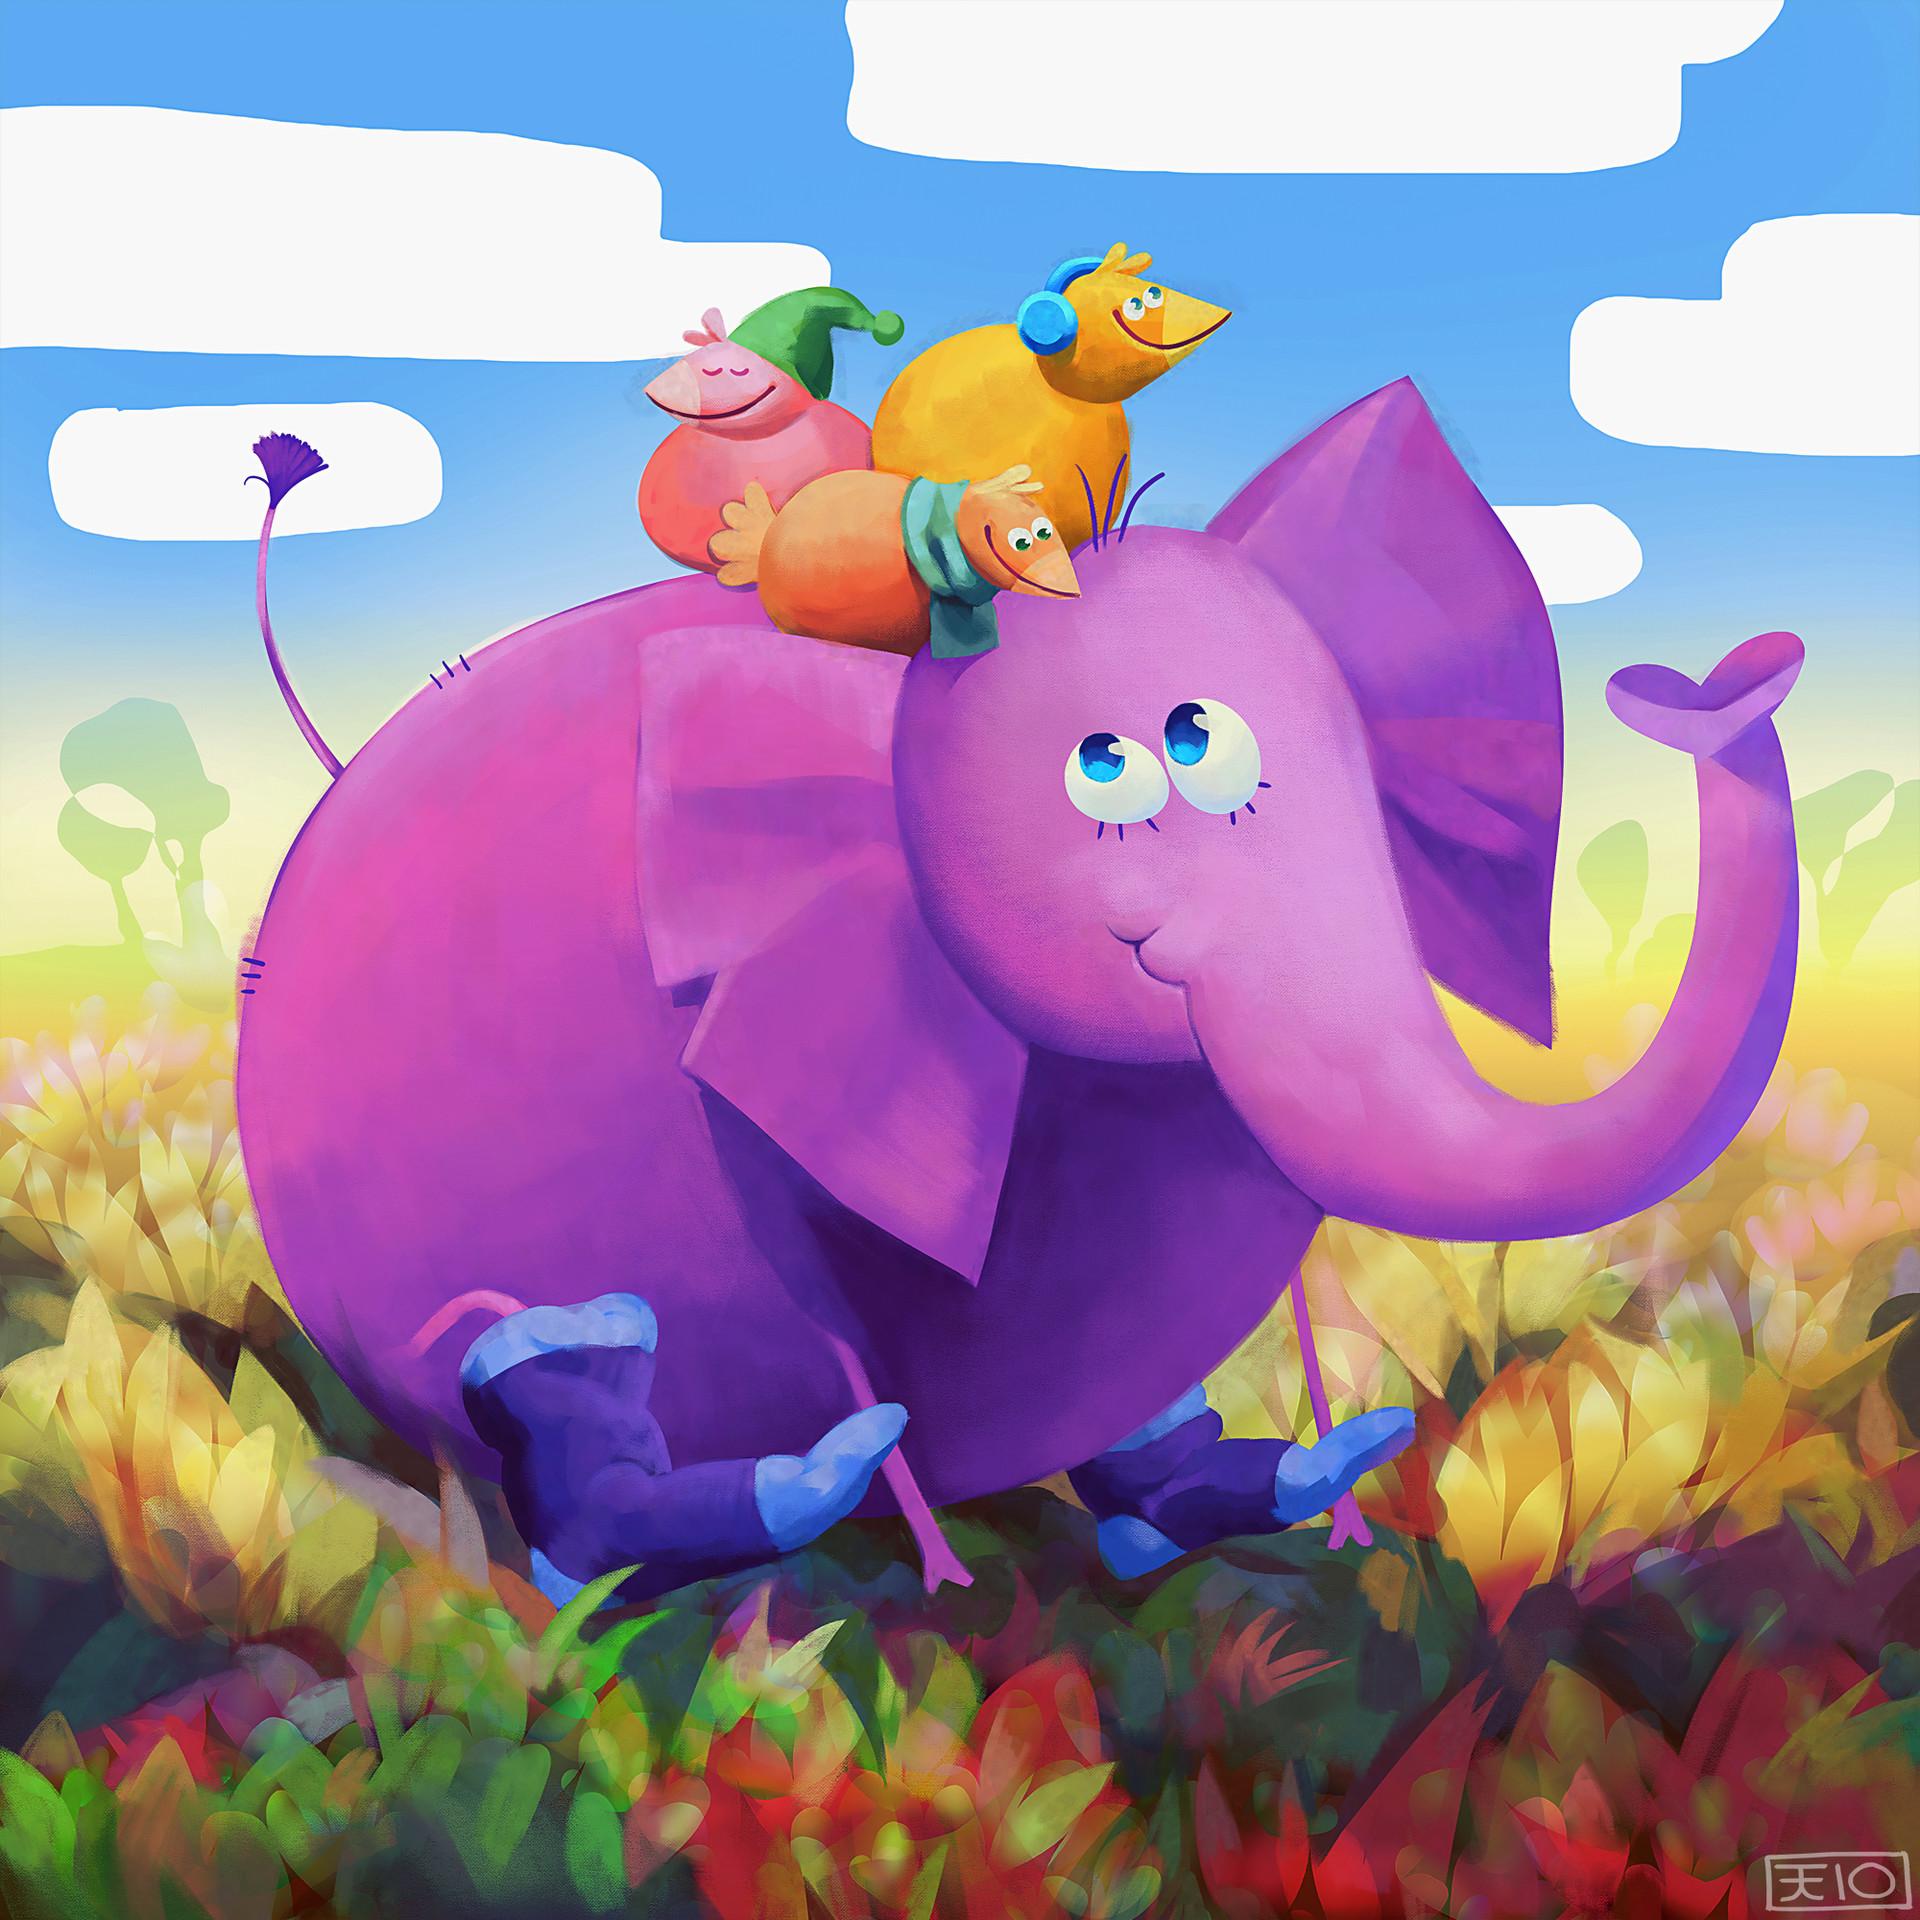 Korina hunjak slonic 2